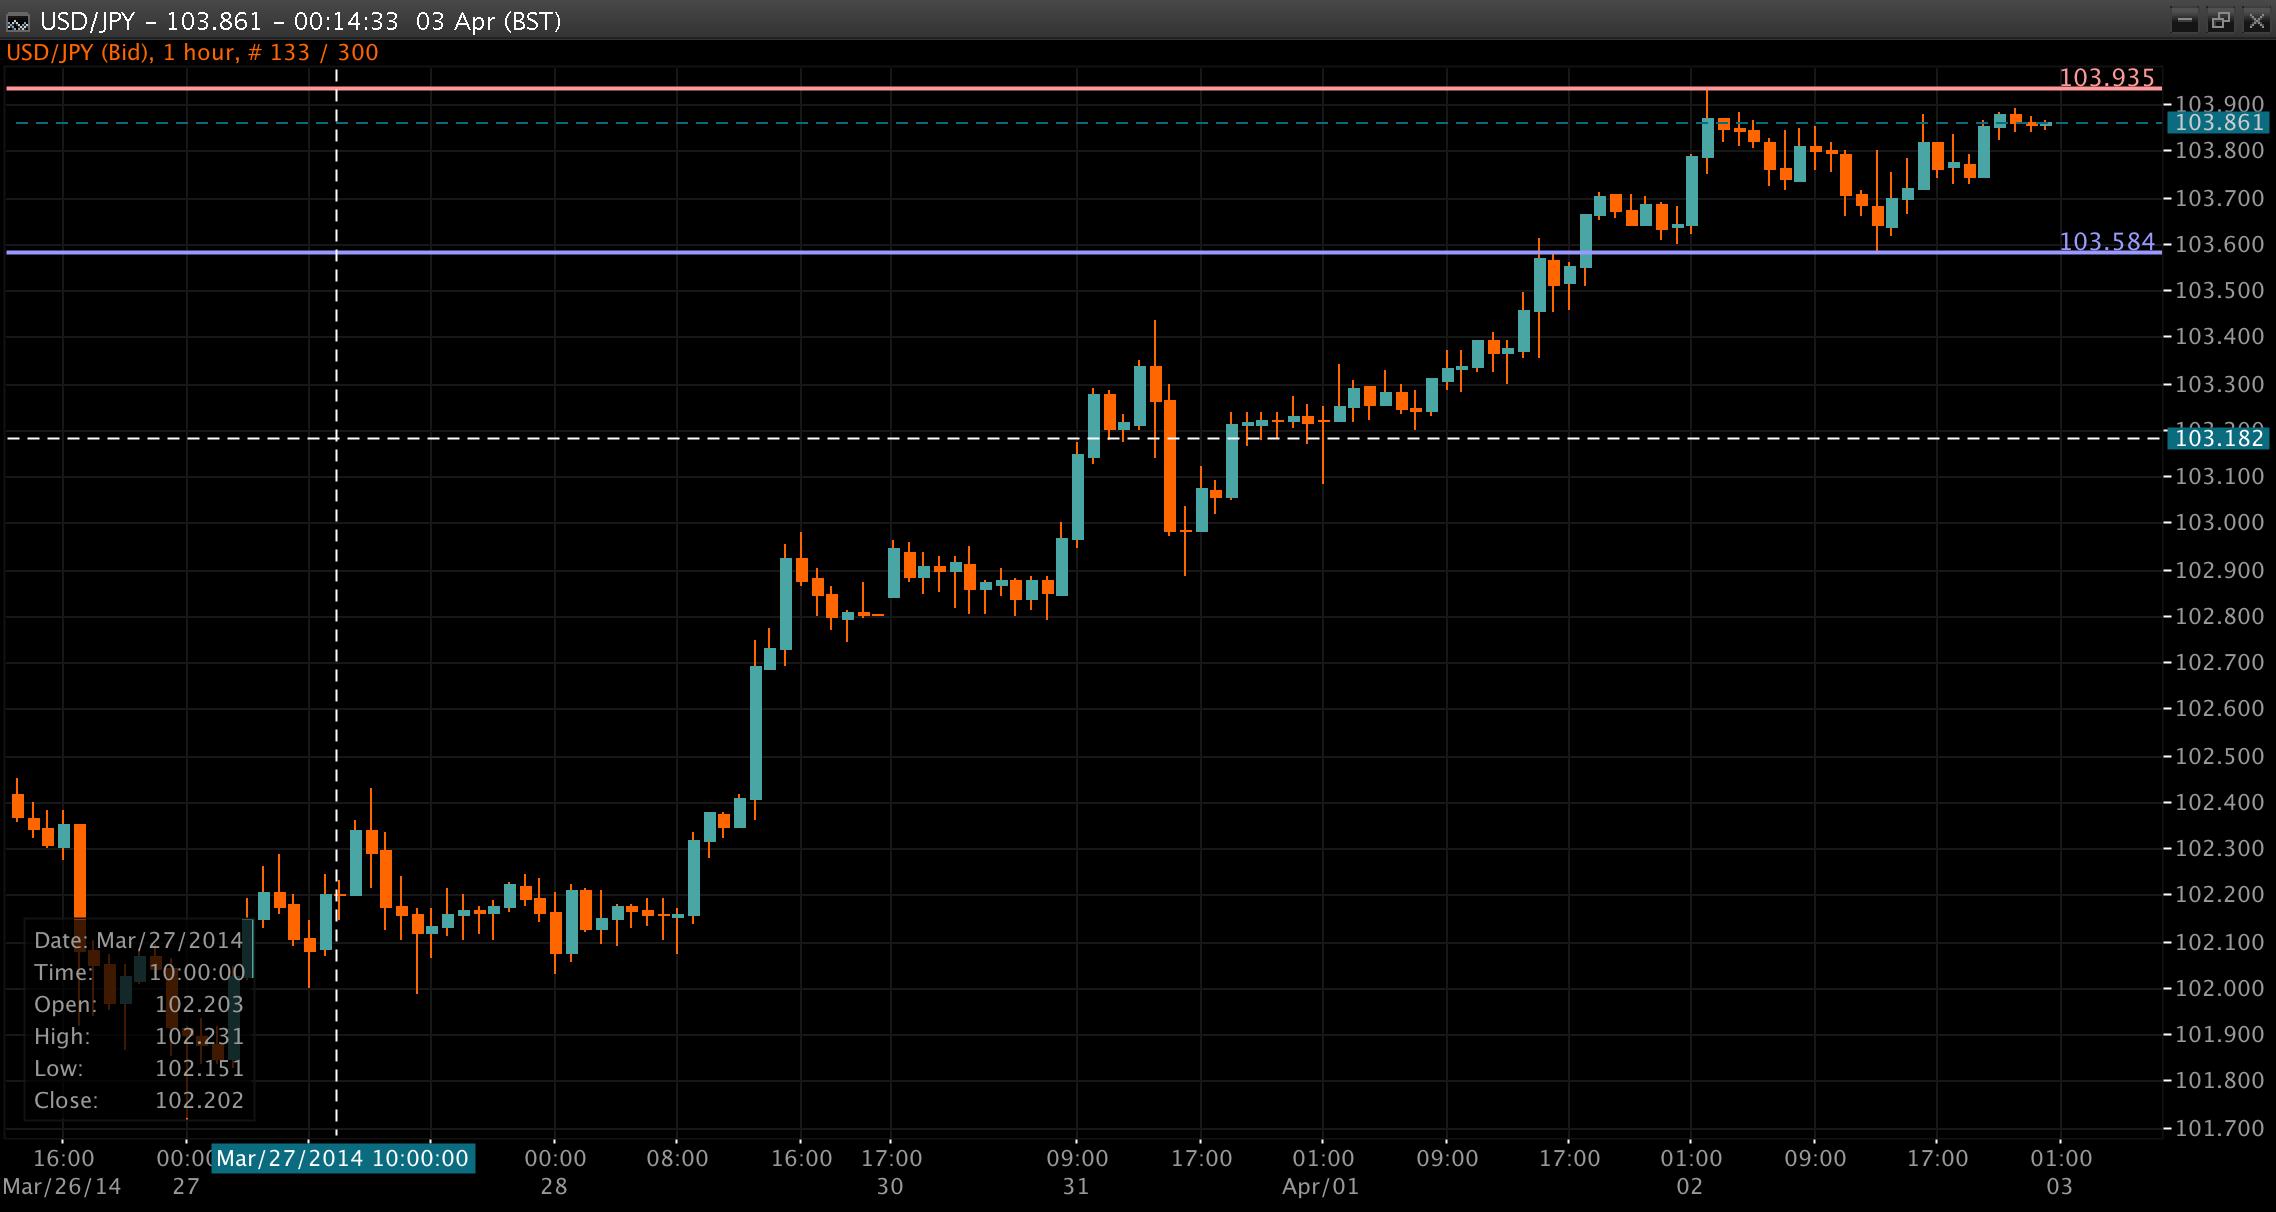 USD/JPY Chart 03 Apr 2014